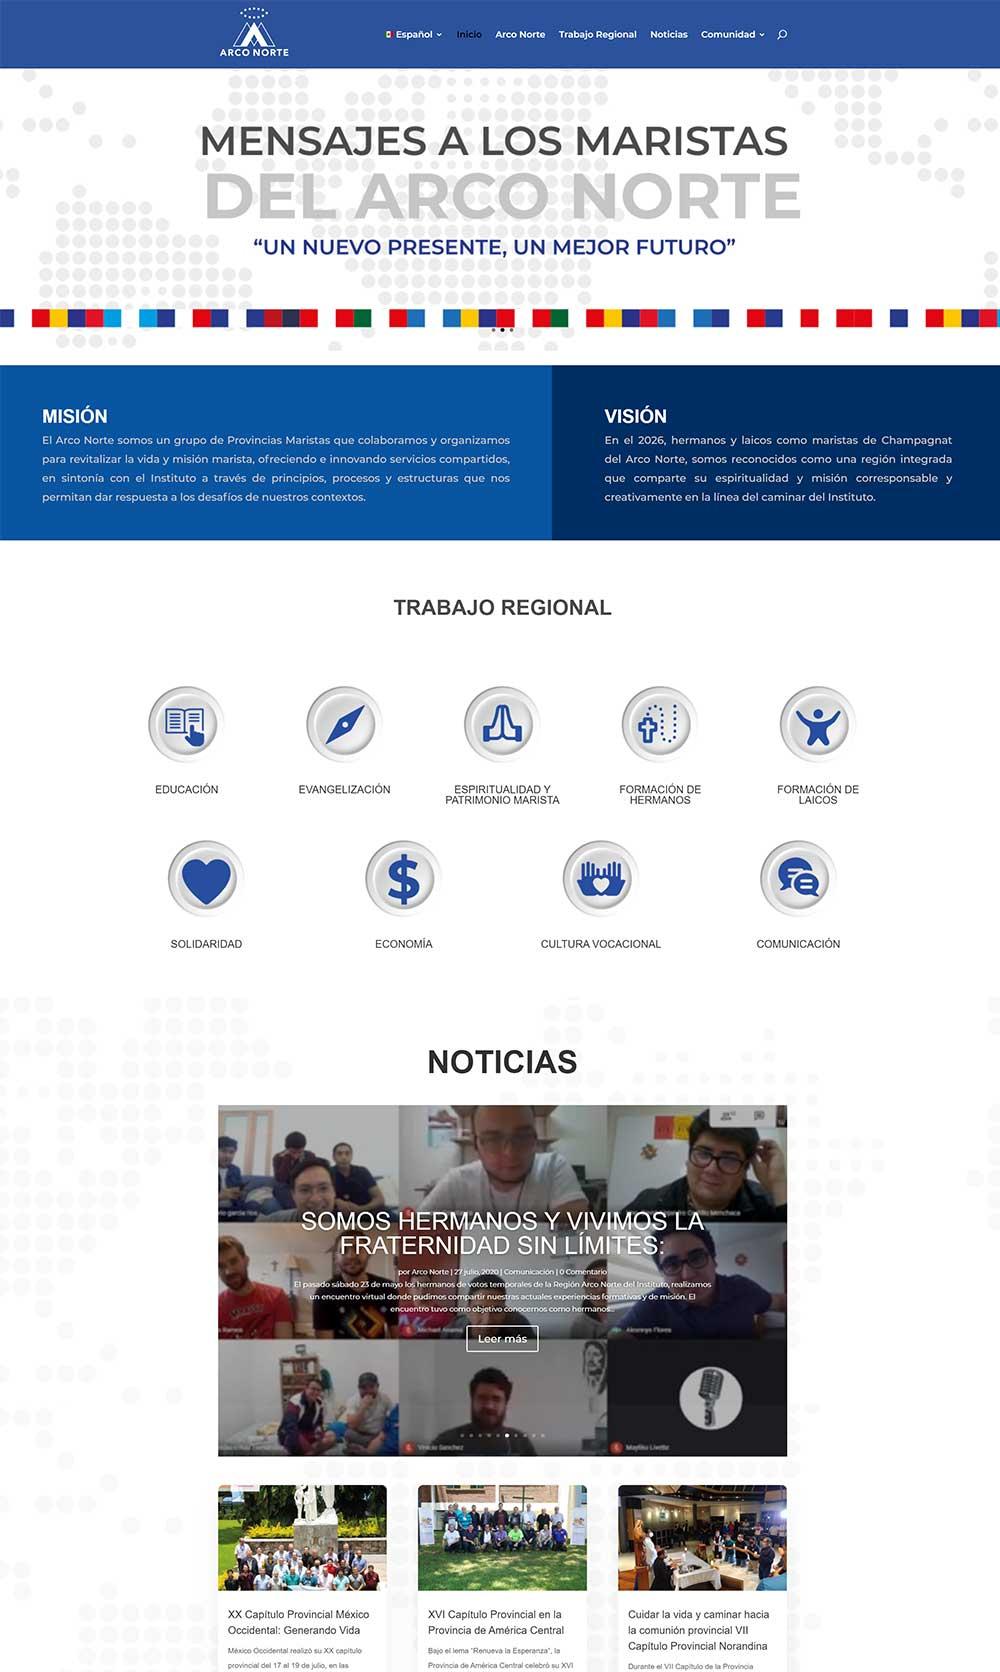 uxweb colaboraciones de sitiosweb